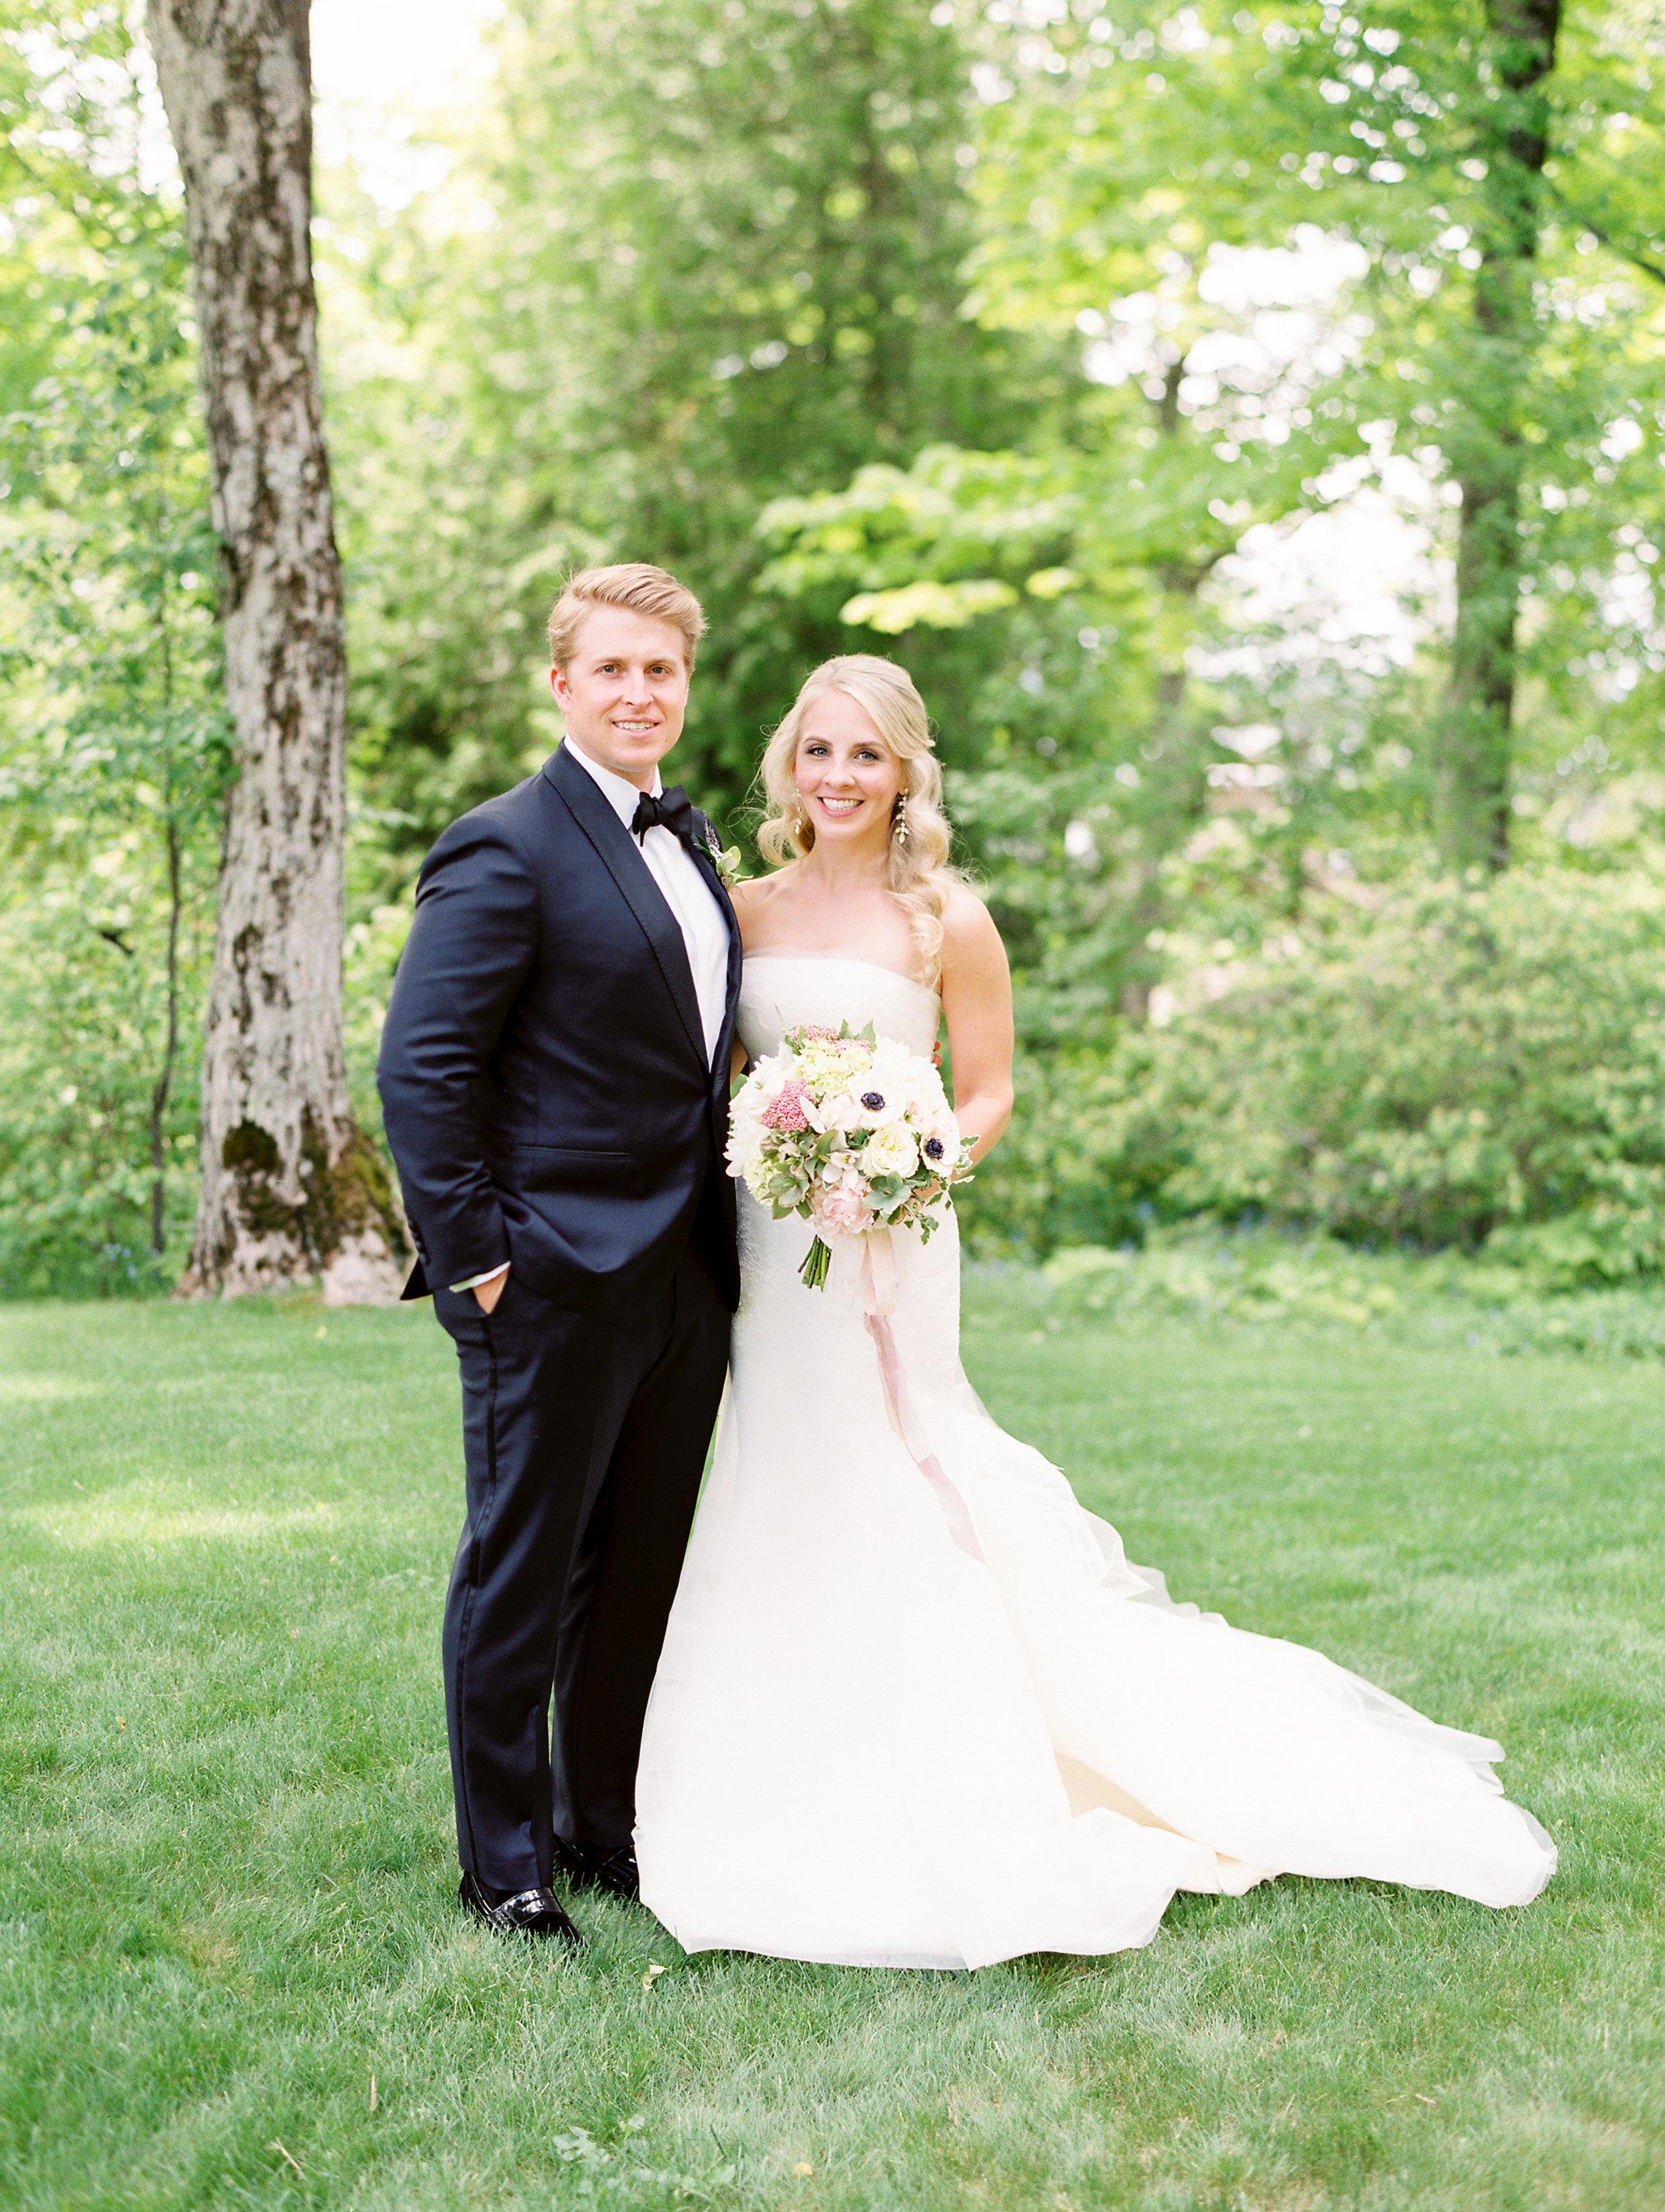 Coffman+Wedding+BrideGrooma-20.jpg